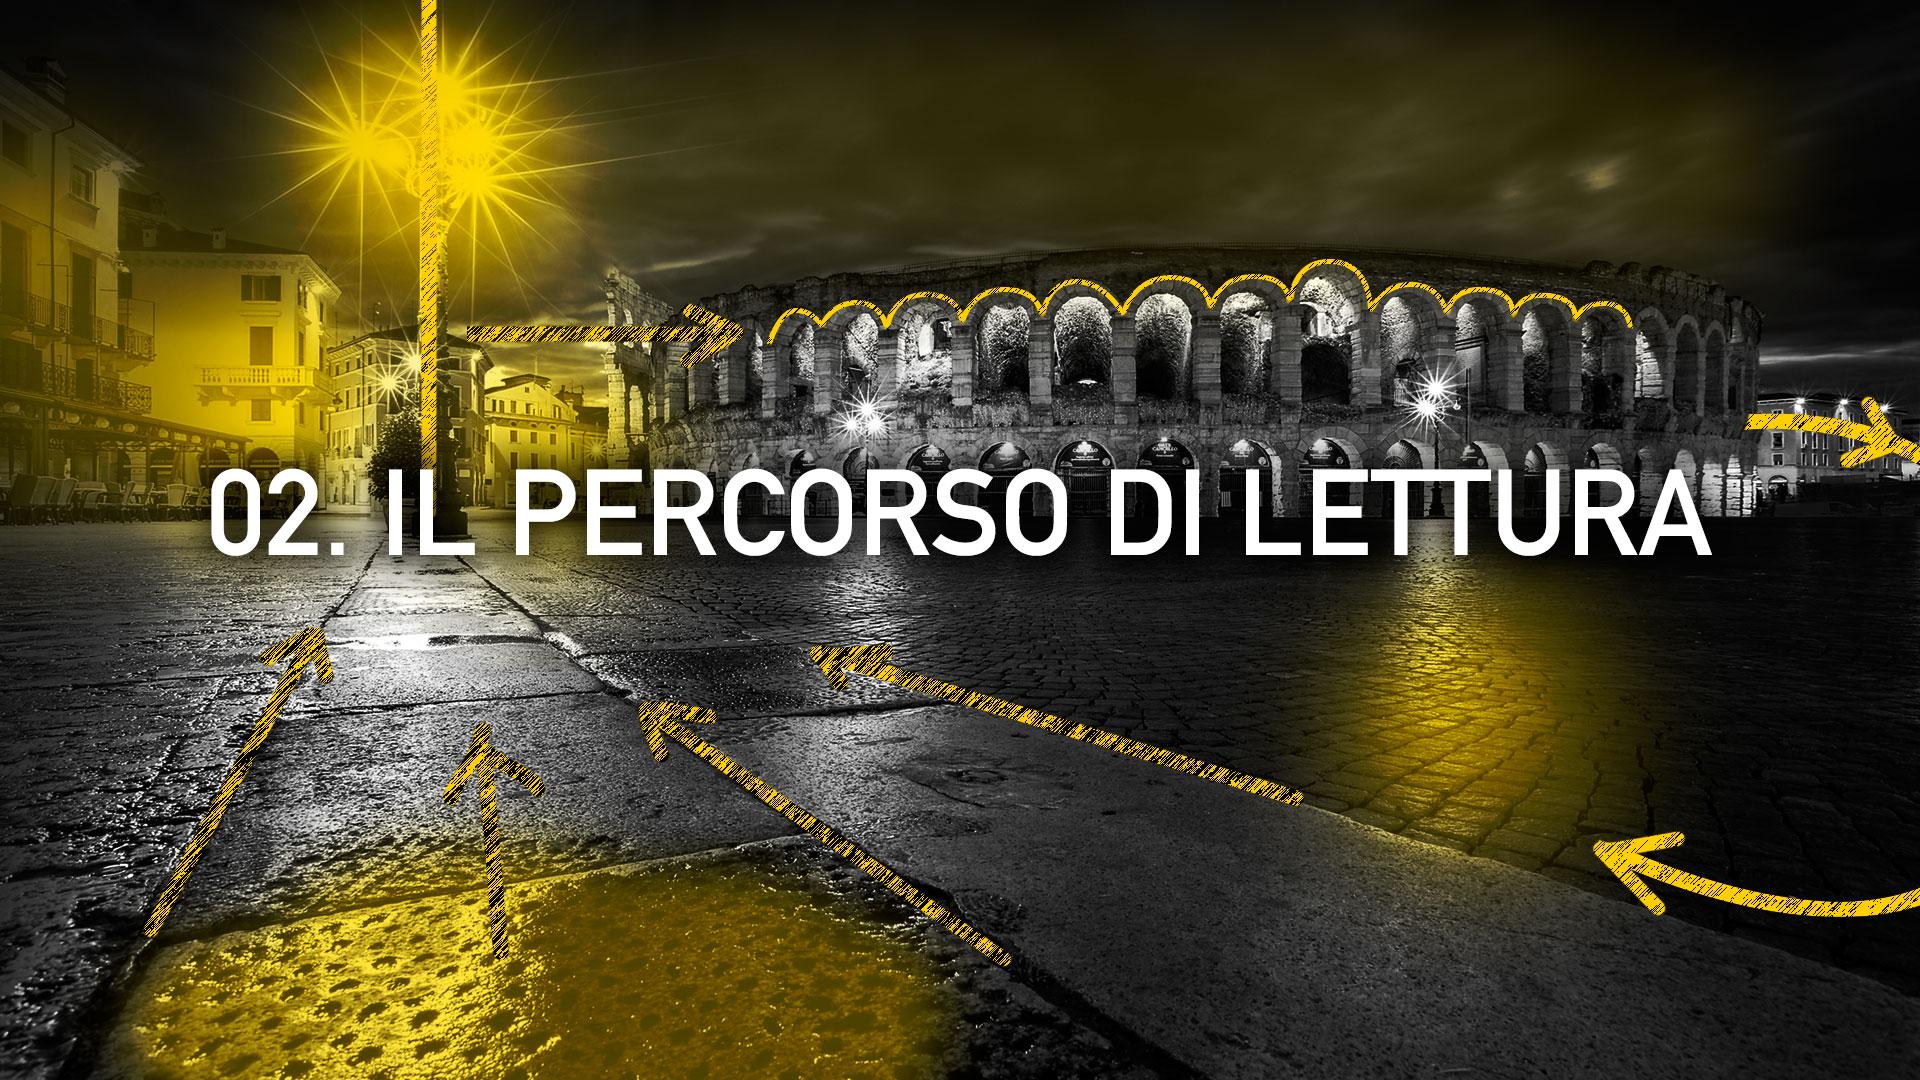 02-IL-PERCORSO-DI-LETTURA